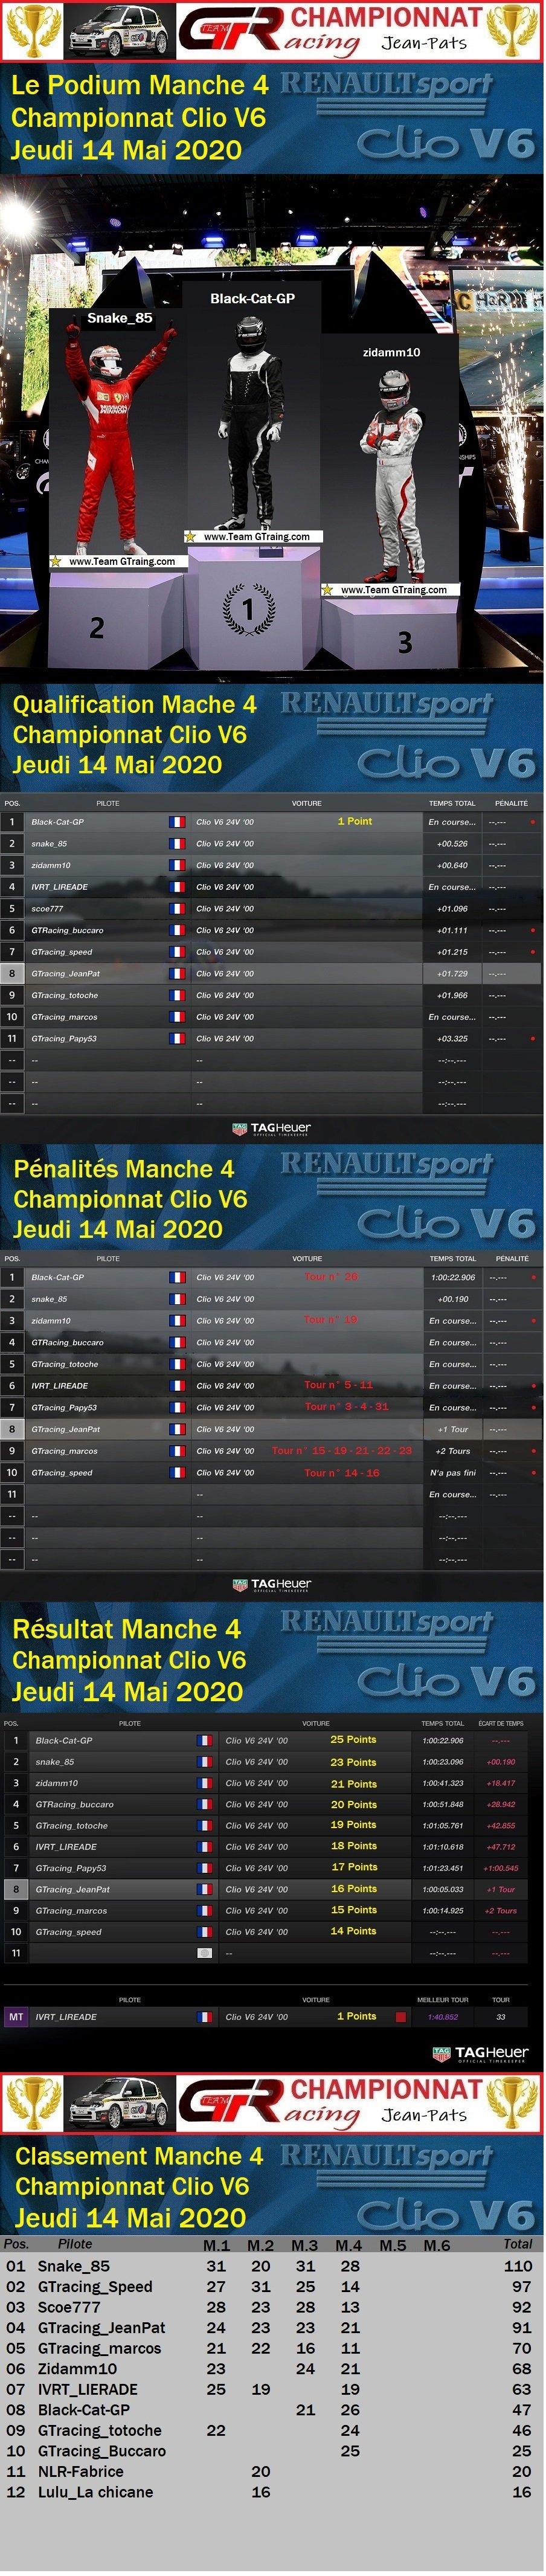 Résultat Manche 4 du Championnat Clio V6 le 14/05/2020 200517075415202041